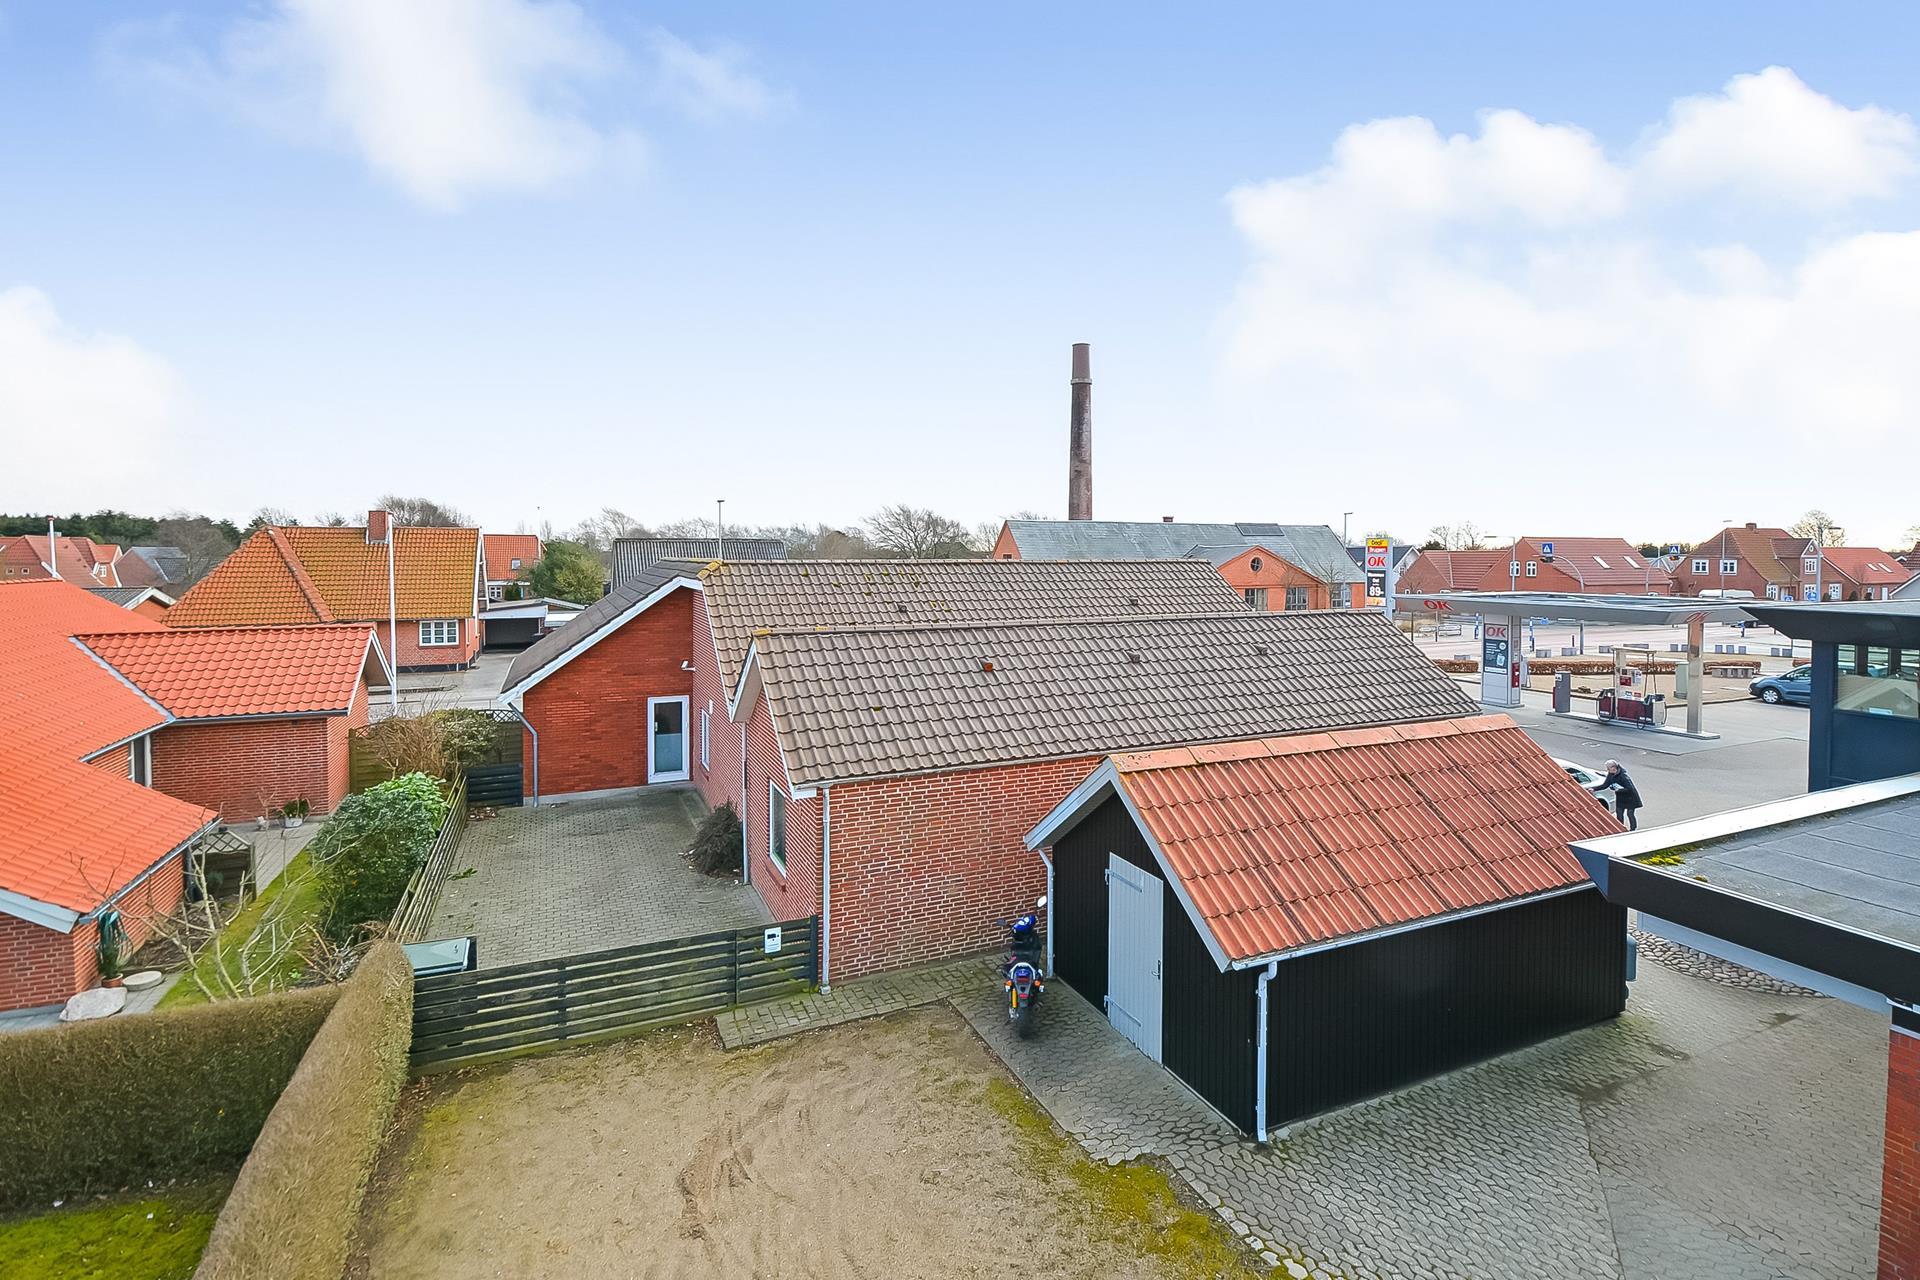 Bolig/erhverv på Vesterled i Janderup Vestj - Erhverv